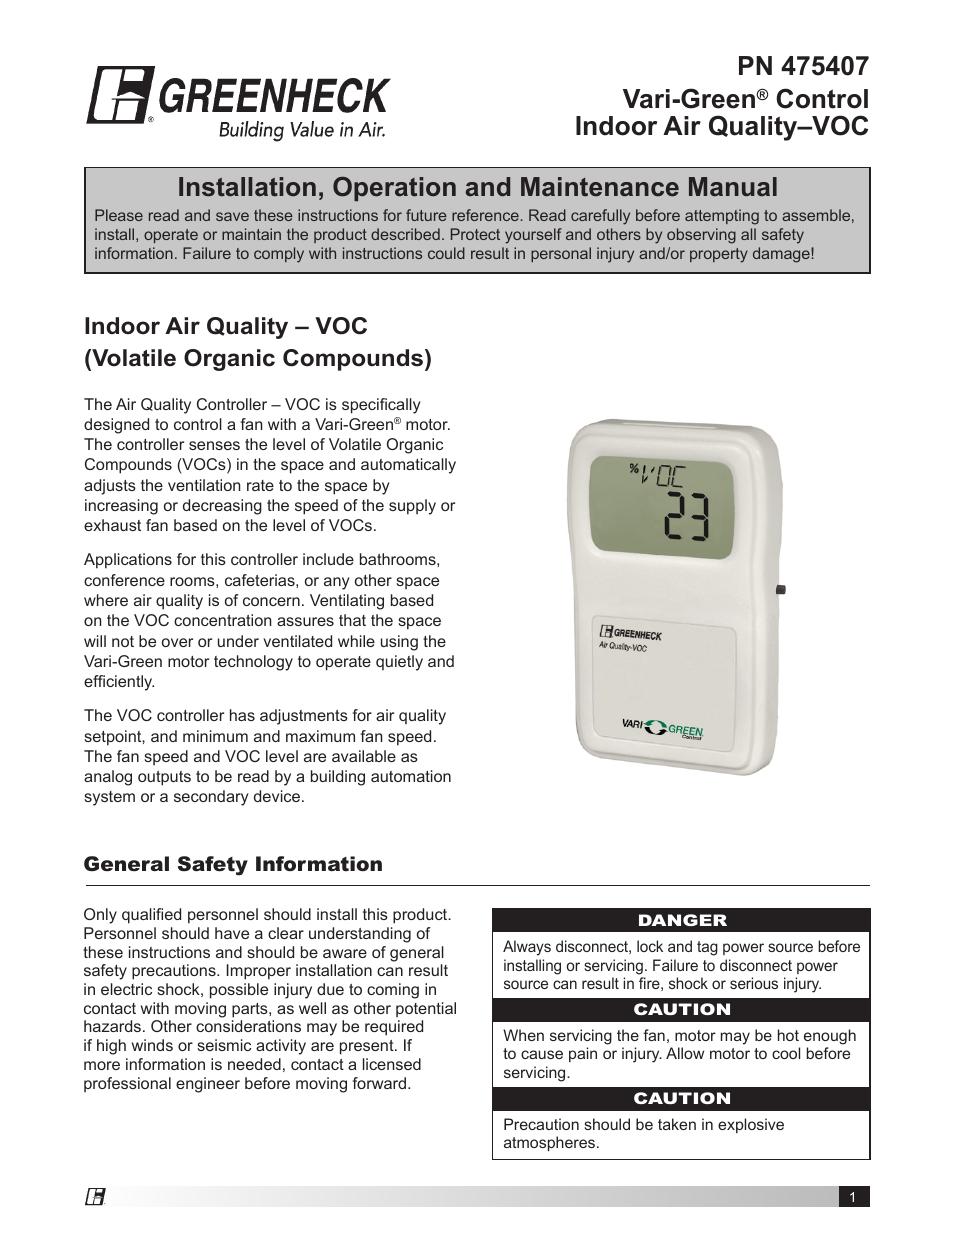 Greenheck Vari-Green Control - Indoor Air Quality - VOC